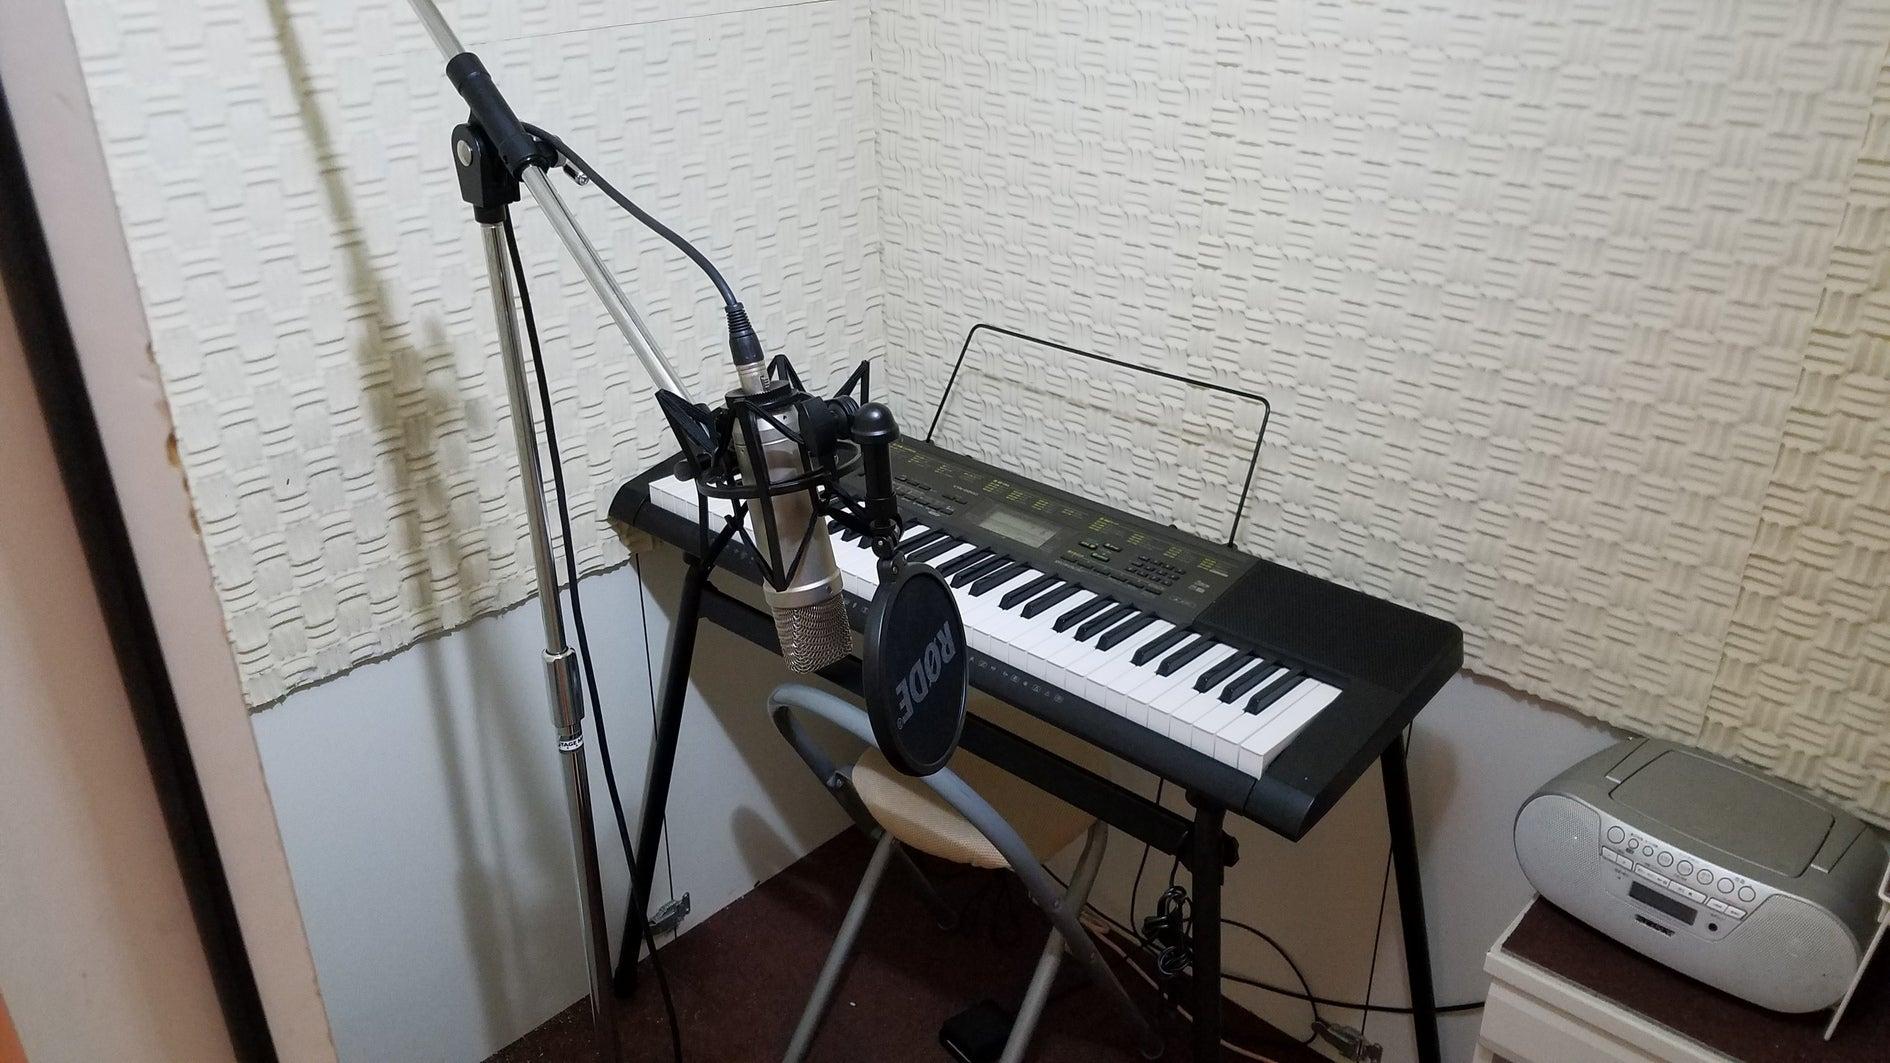 超激安!小型のスタジオ。心斎橋から1駅、個人レッスンや個人練習に。歌や声の録音、ワークショップにも使えます。(スタジオ・ミュージックバンカー(大阪)) の写真0